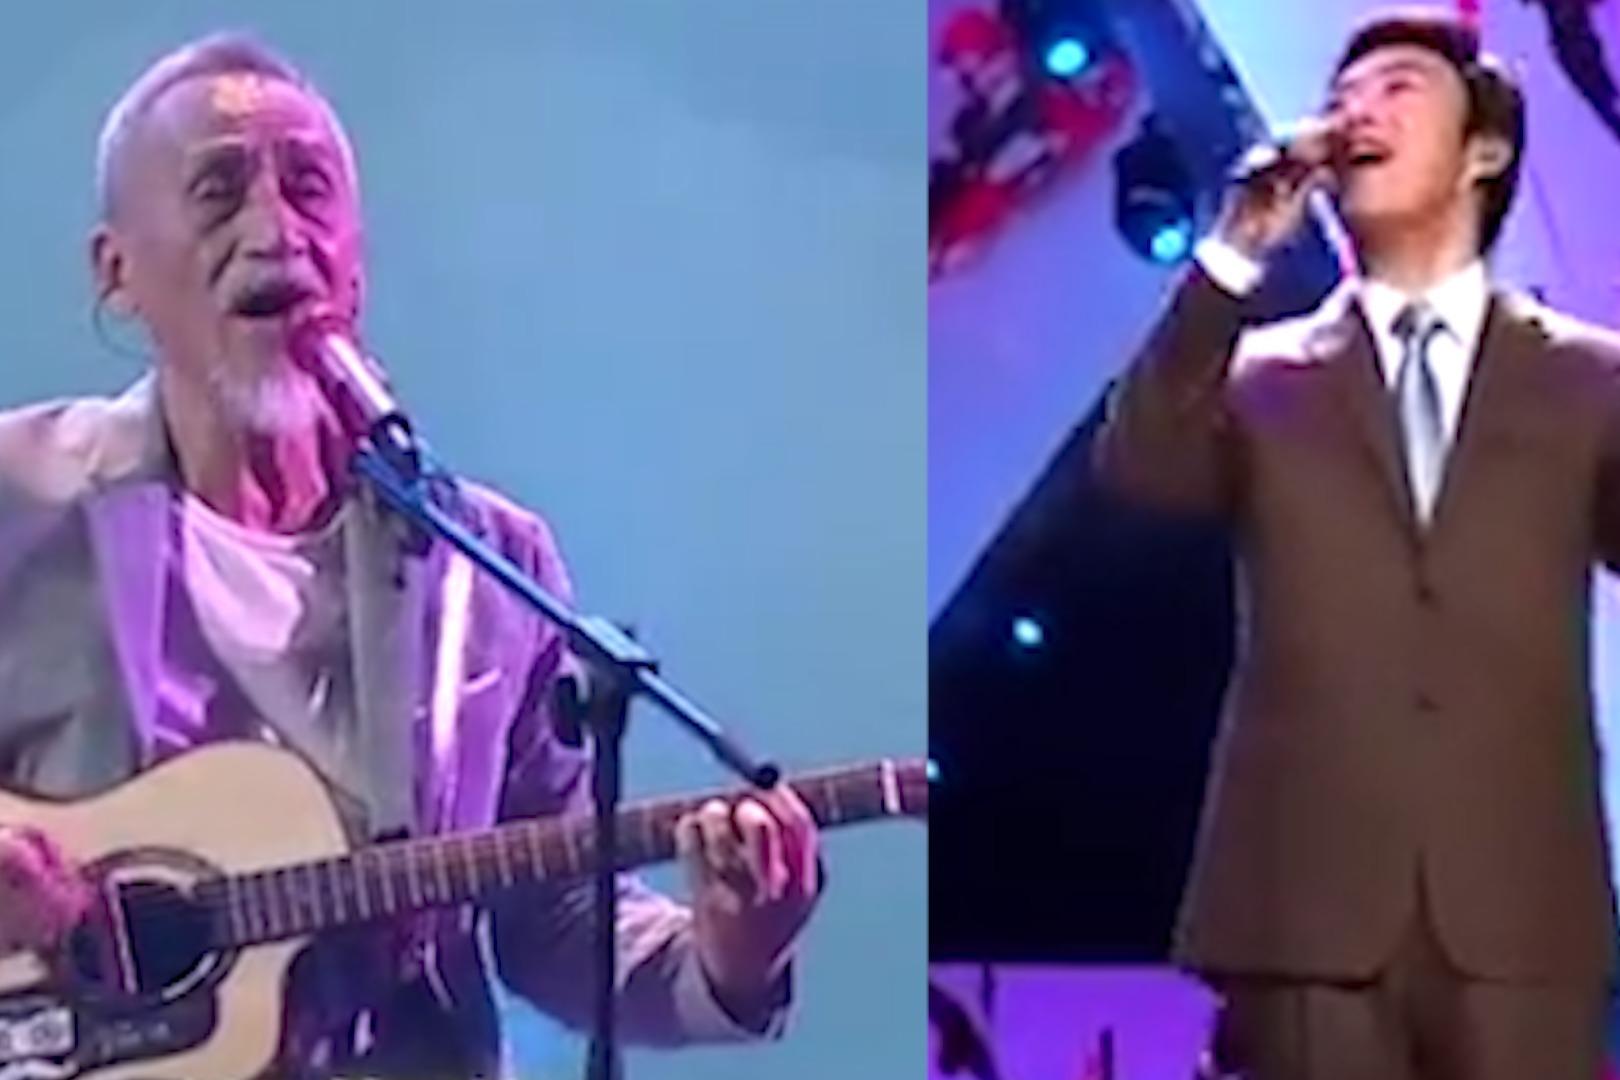 好感人!75岁《一剪梅》曲作者首次舞台演唱,唱出一代人青春